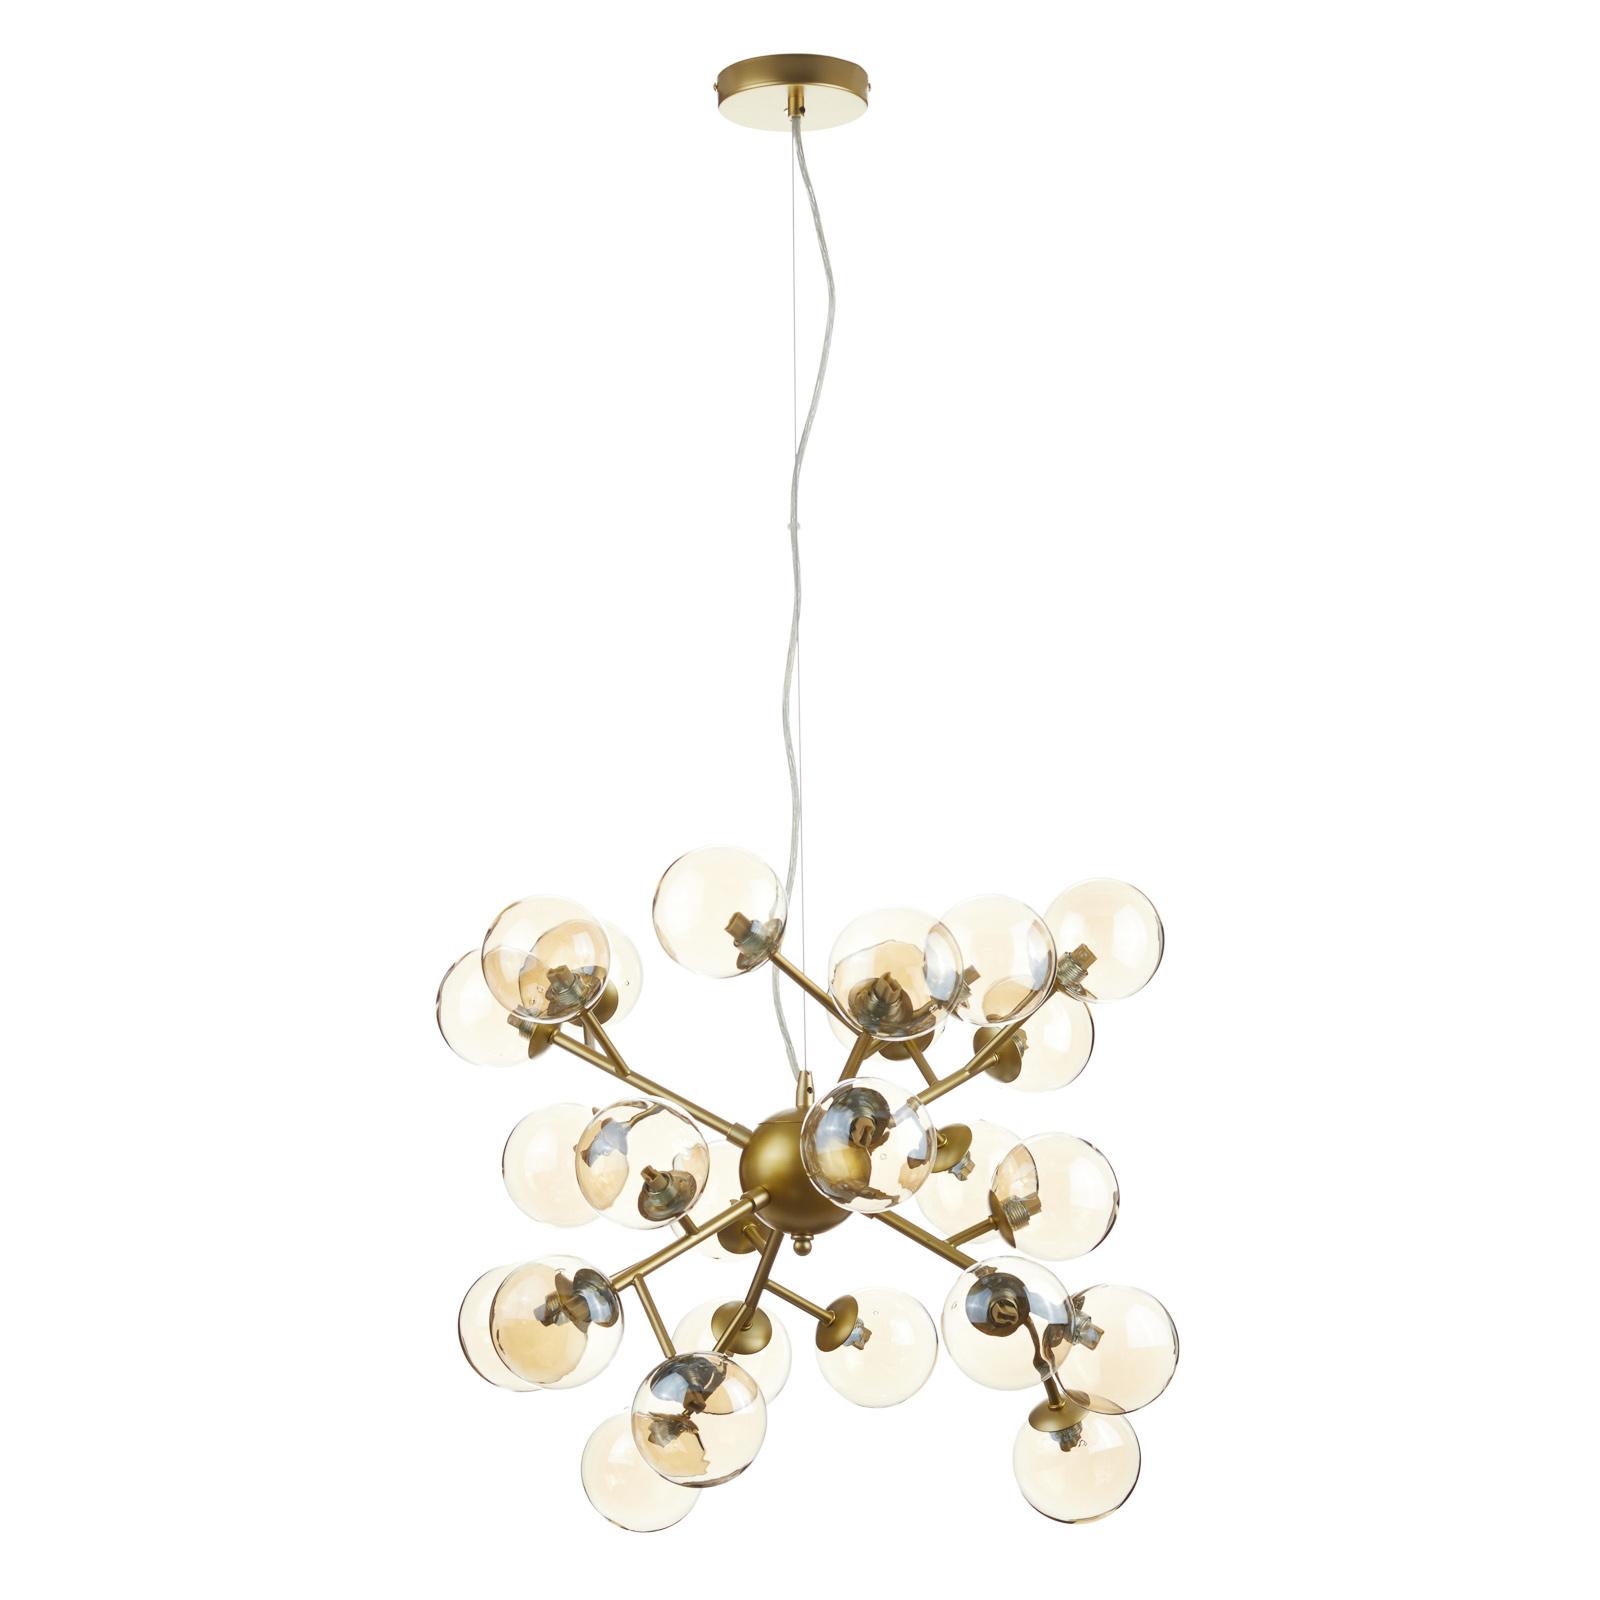 Lampa wisząca Dallas z 24 szklanymi kulami, złota